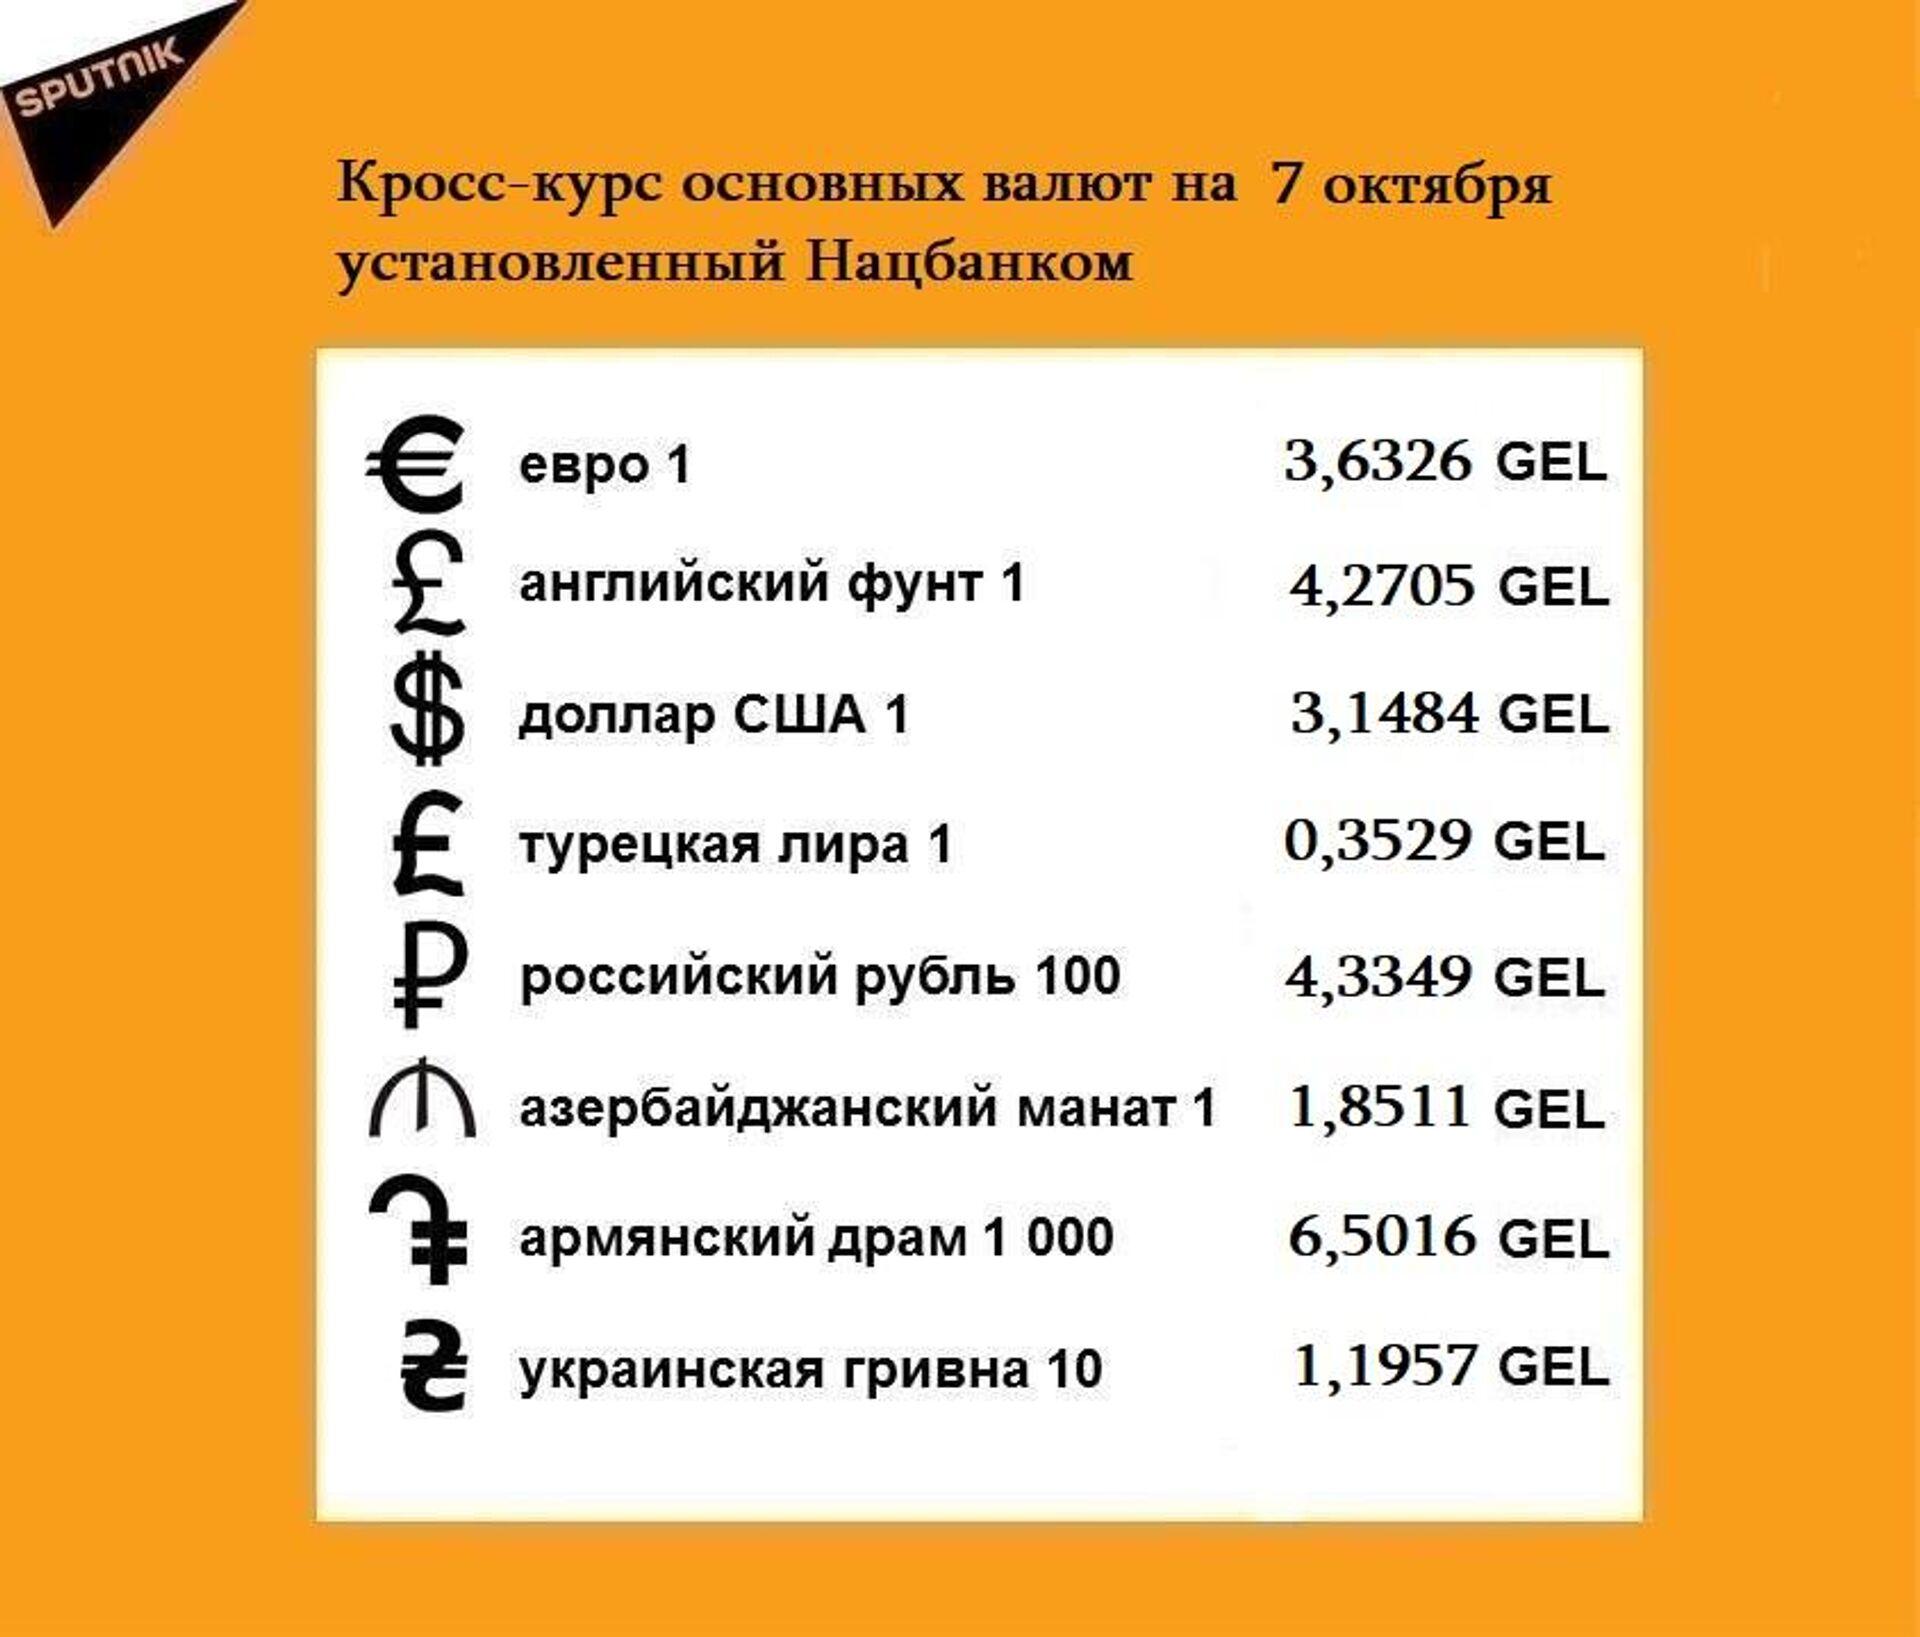 Кросс-курс основных валют на 7 октября - Sputnik Грузия, 1920, 06.10.2021